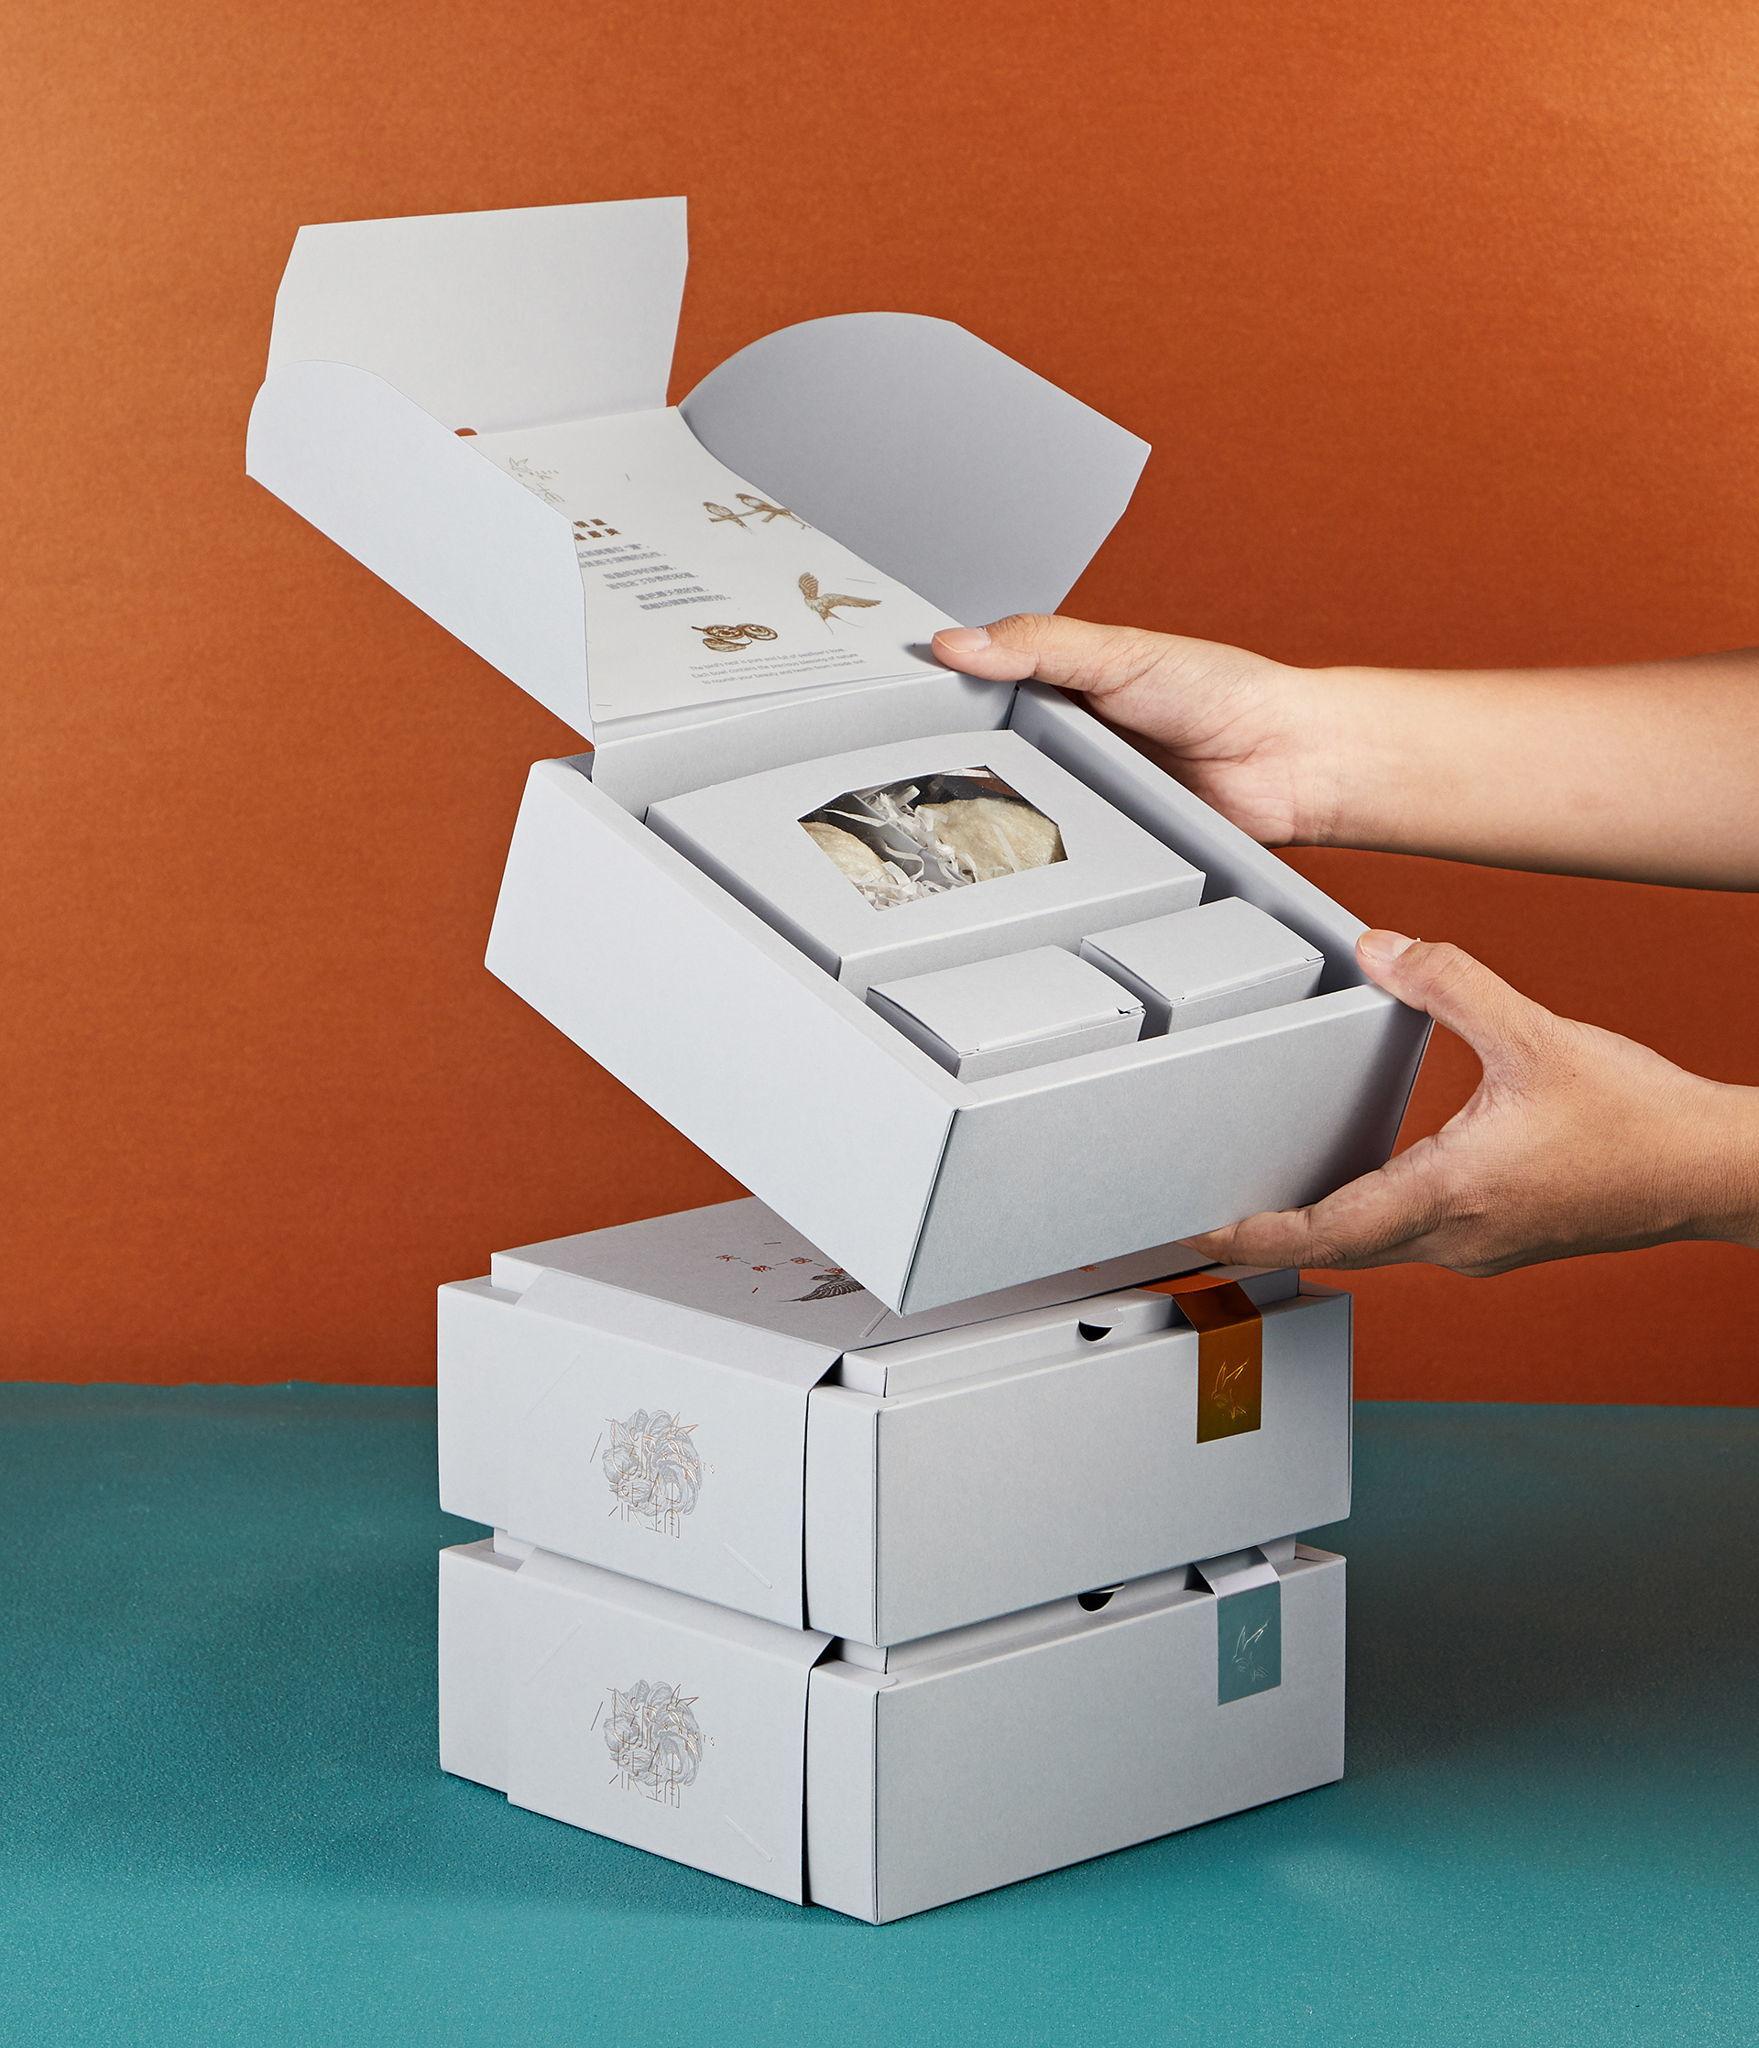 mẫu in hộp giấy giá rẻ